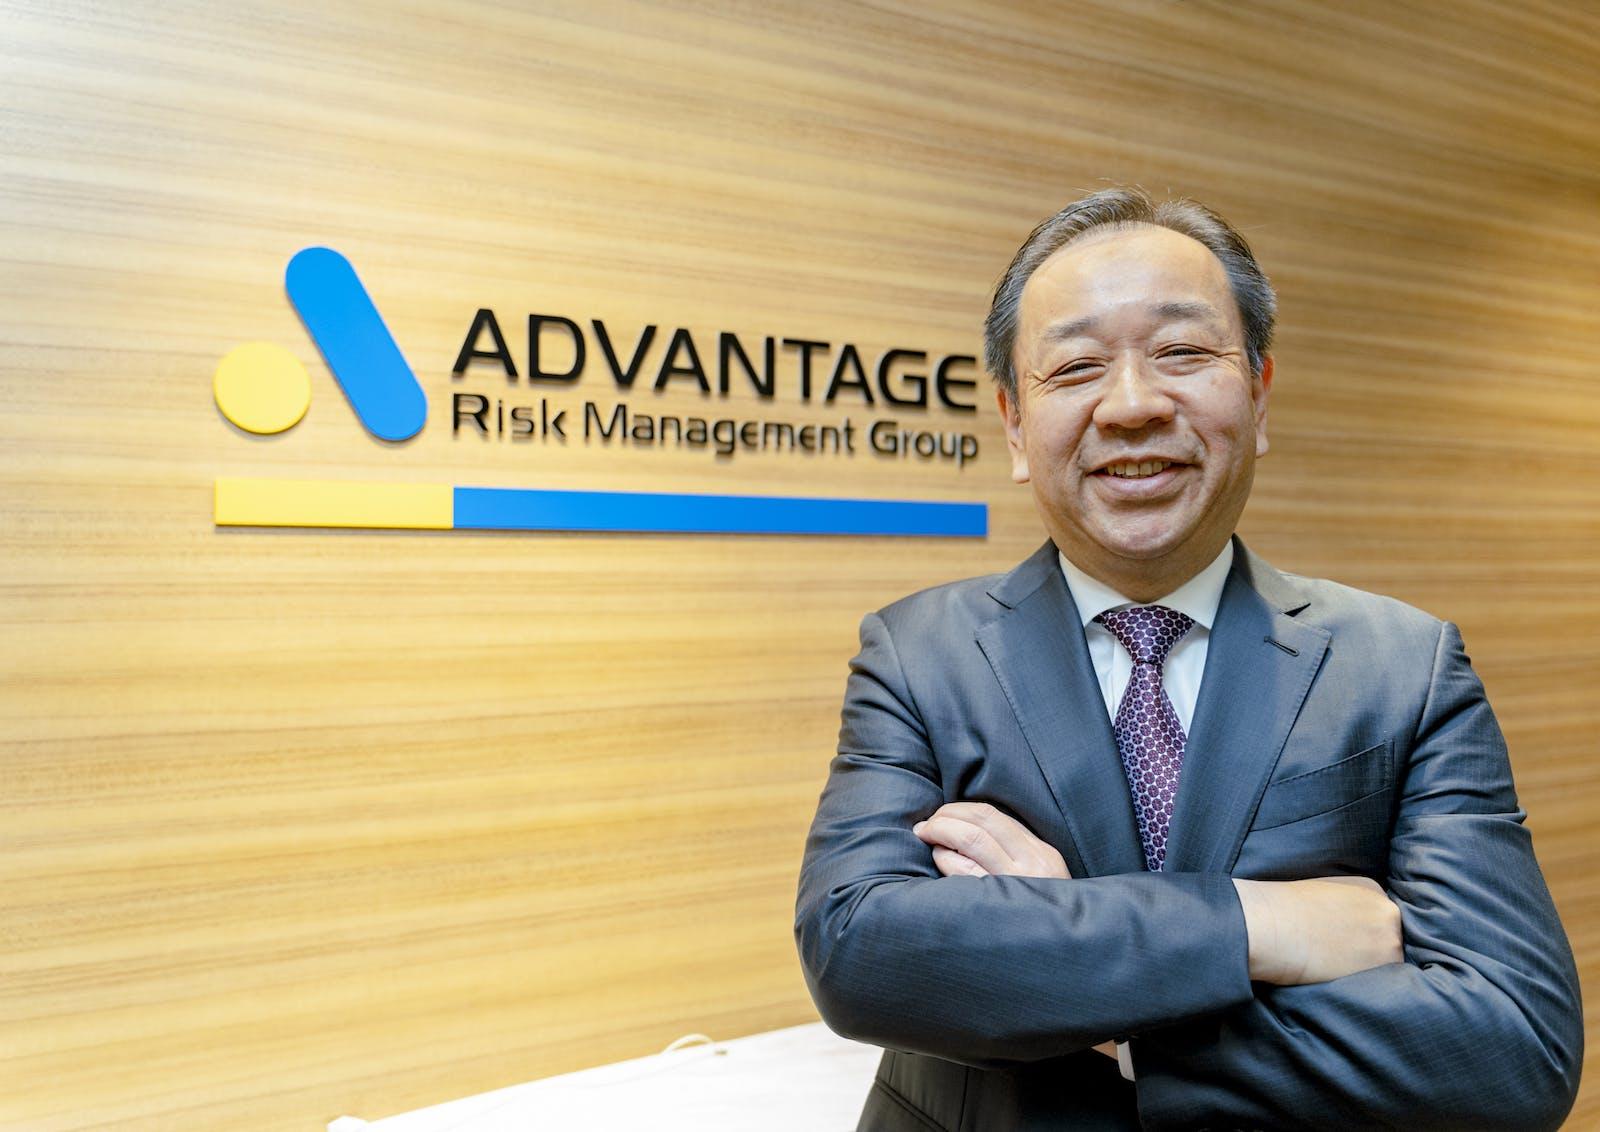 株式会社アドバンテッジリスクマネジメントのアイキャッチ画像